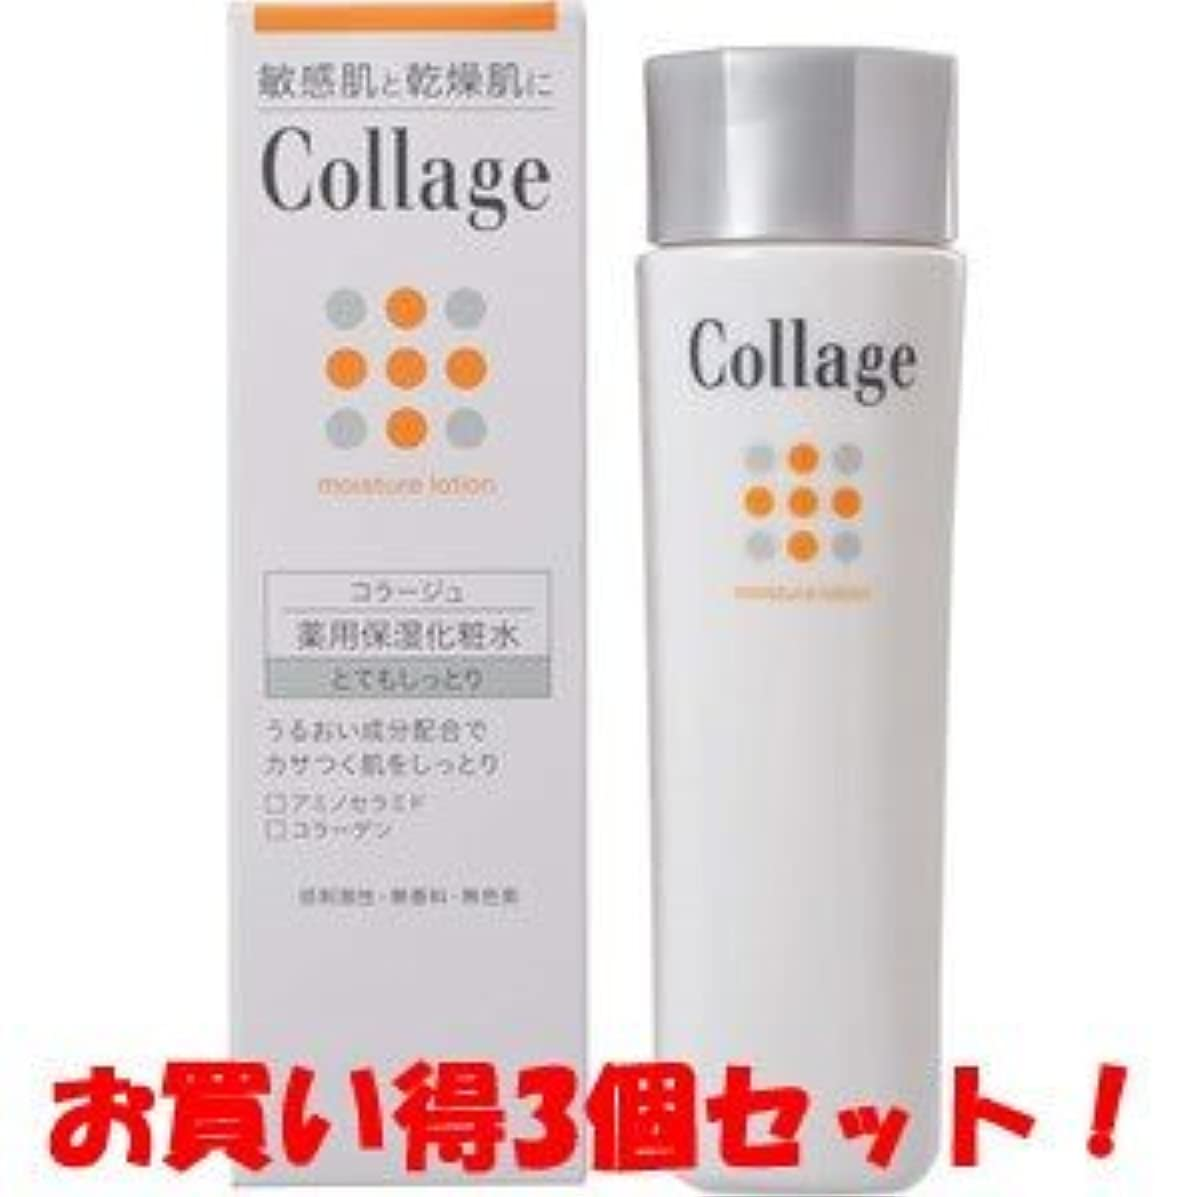 忠実に作動する勧告(持田ヘルスケア)コラージュ 薬用保湿化粧水 とてもしっとり 120ml(医薬部外品)(お買い得3個セット)